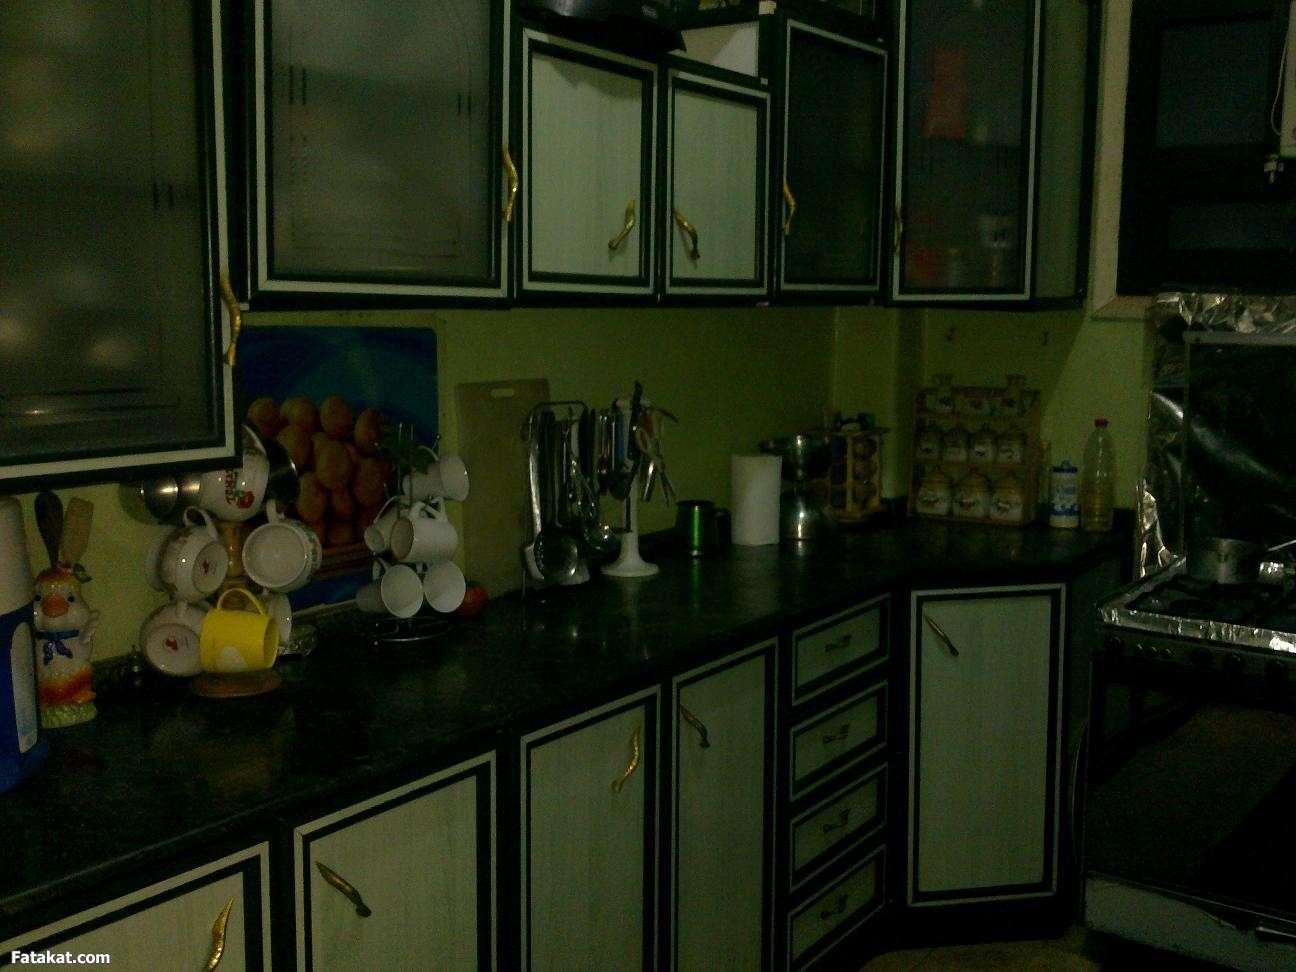 بالصور تزيين المطبخ , كيفية تزيين لمطبخ 1019 13